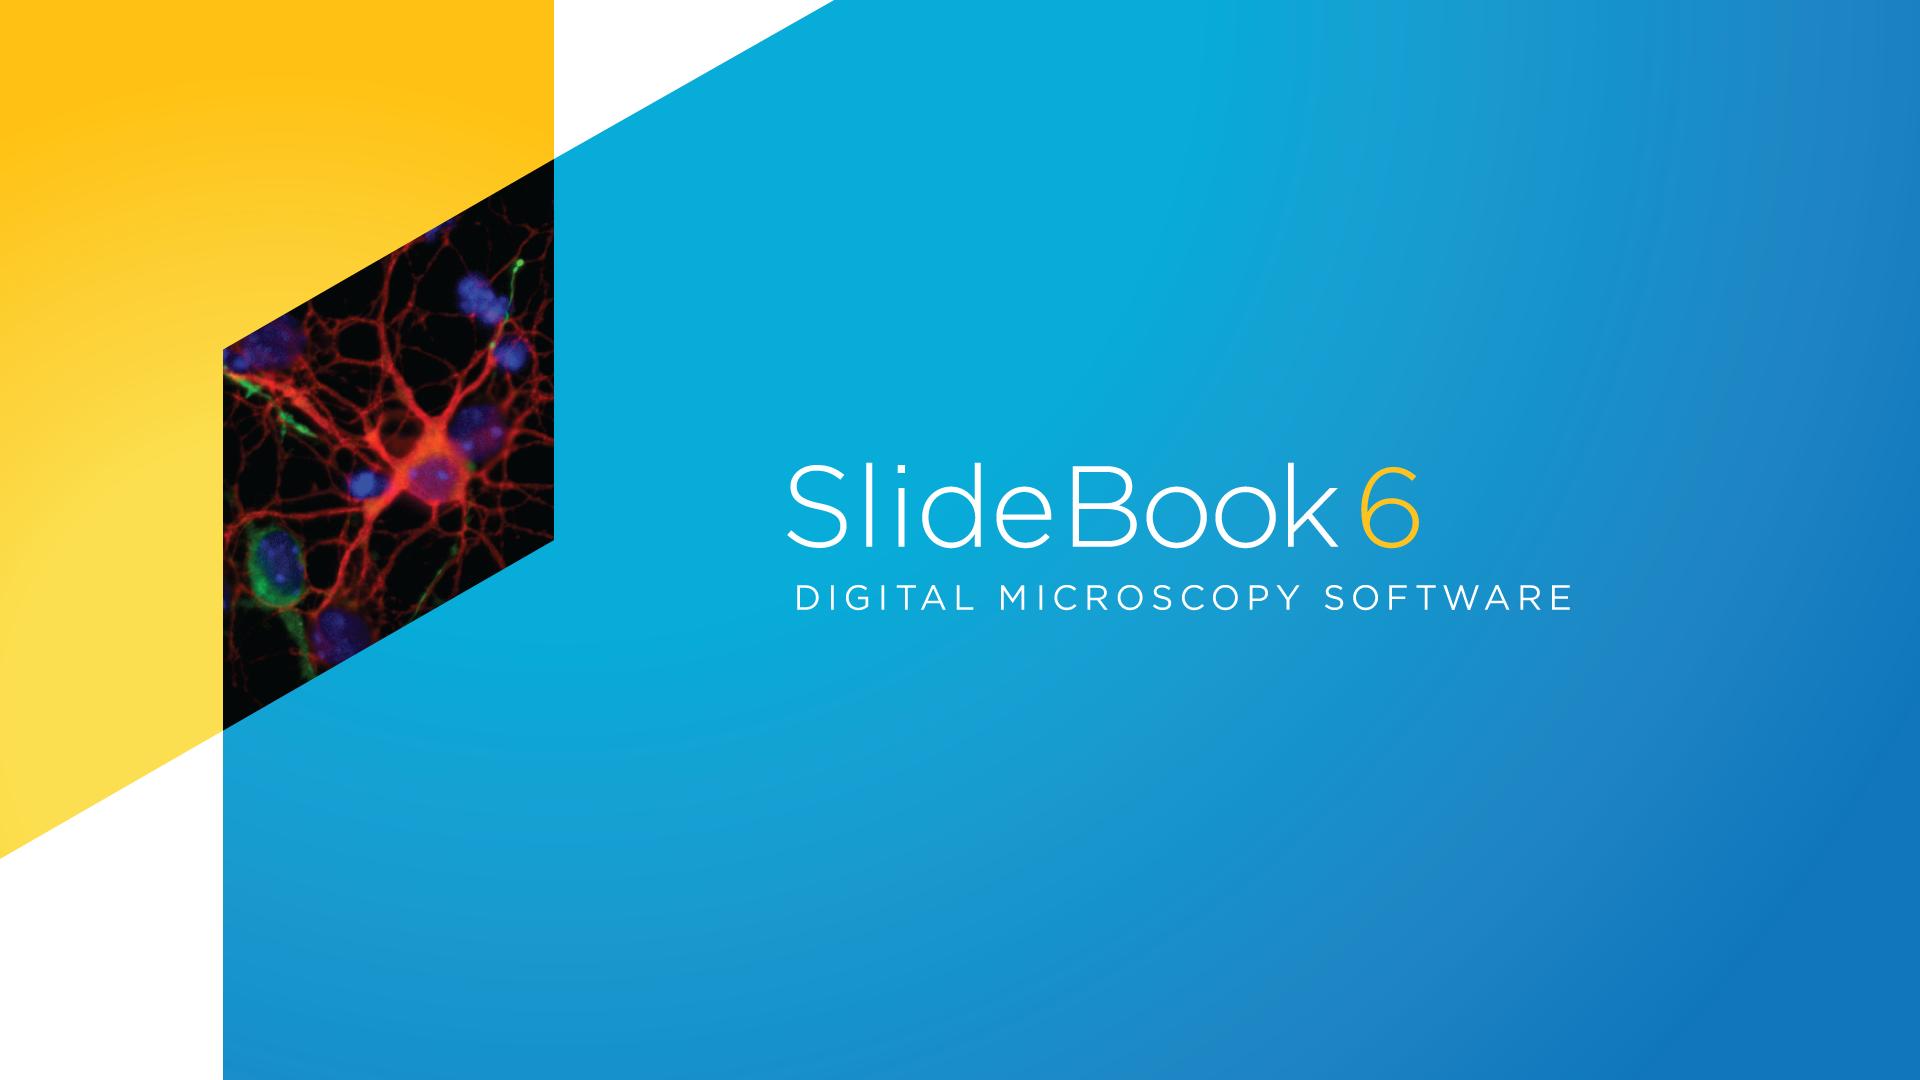 SlideBook 6